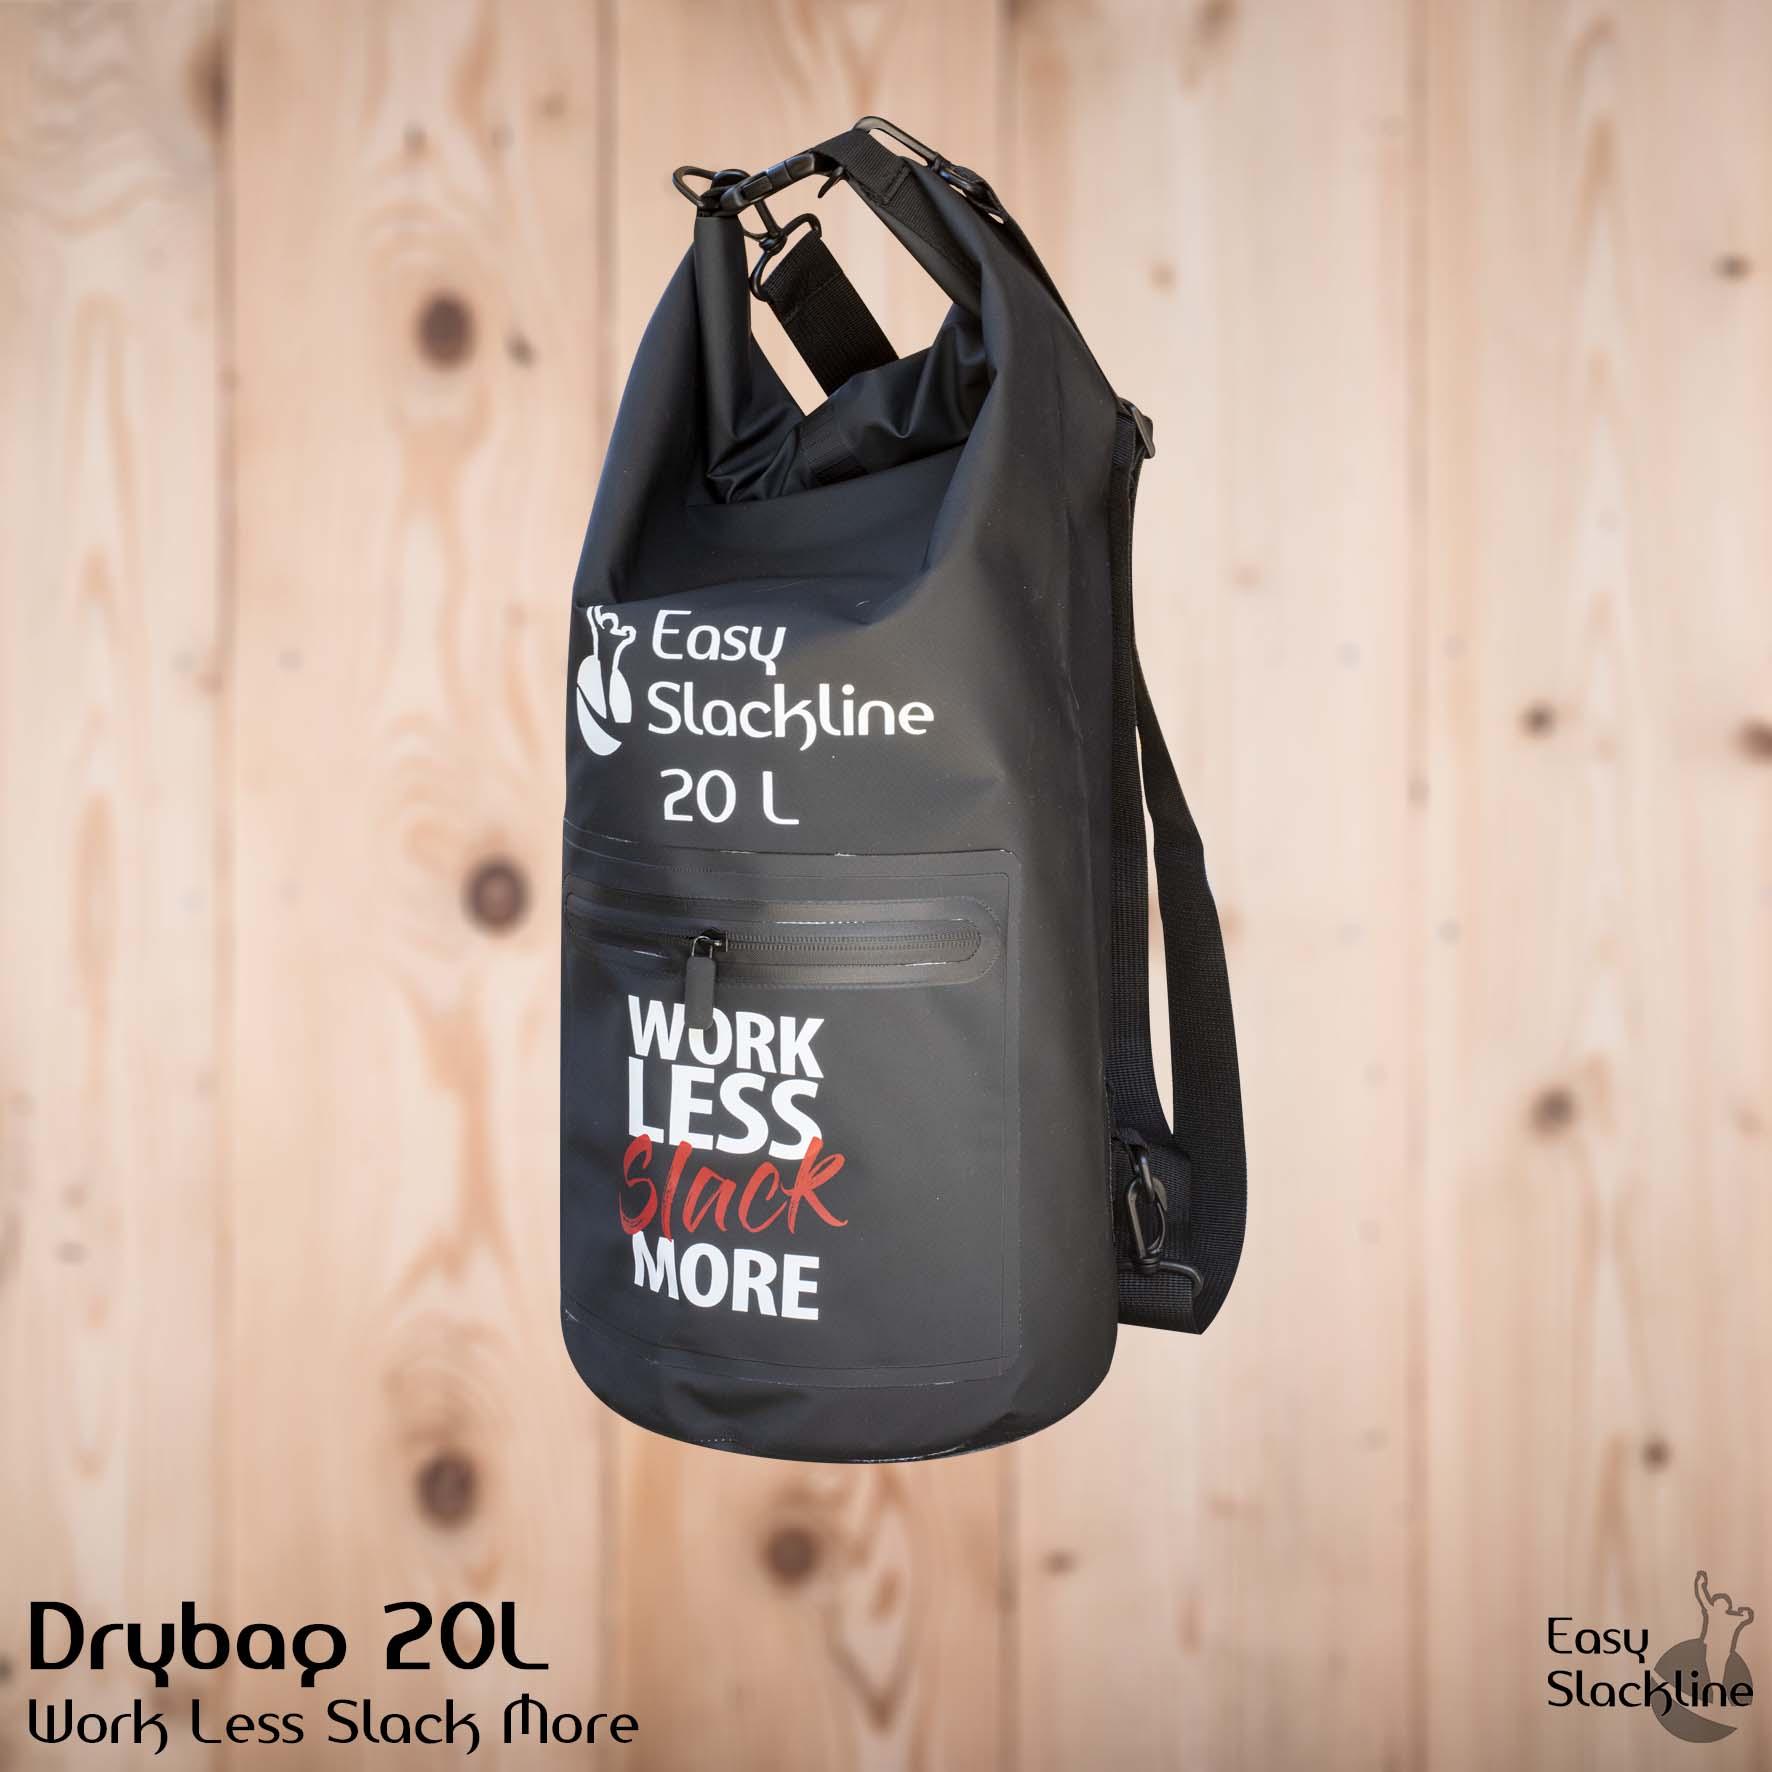 drybag 20L easy slackline